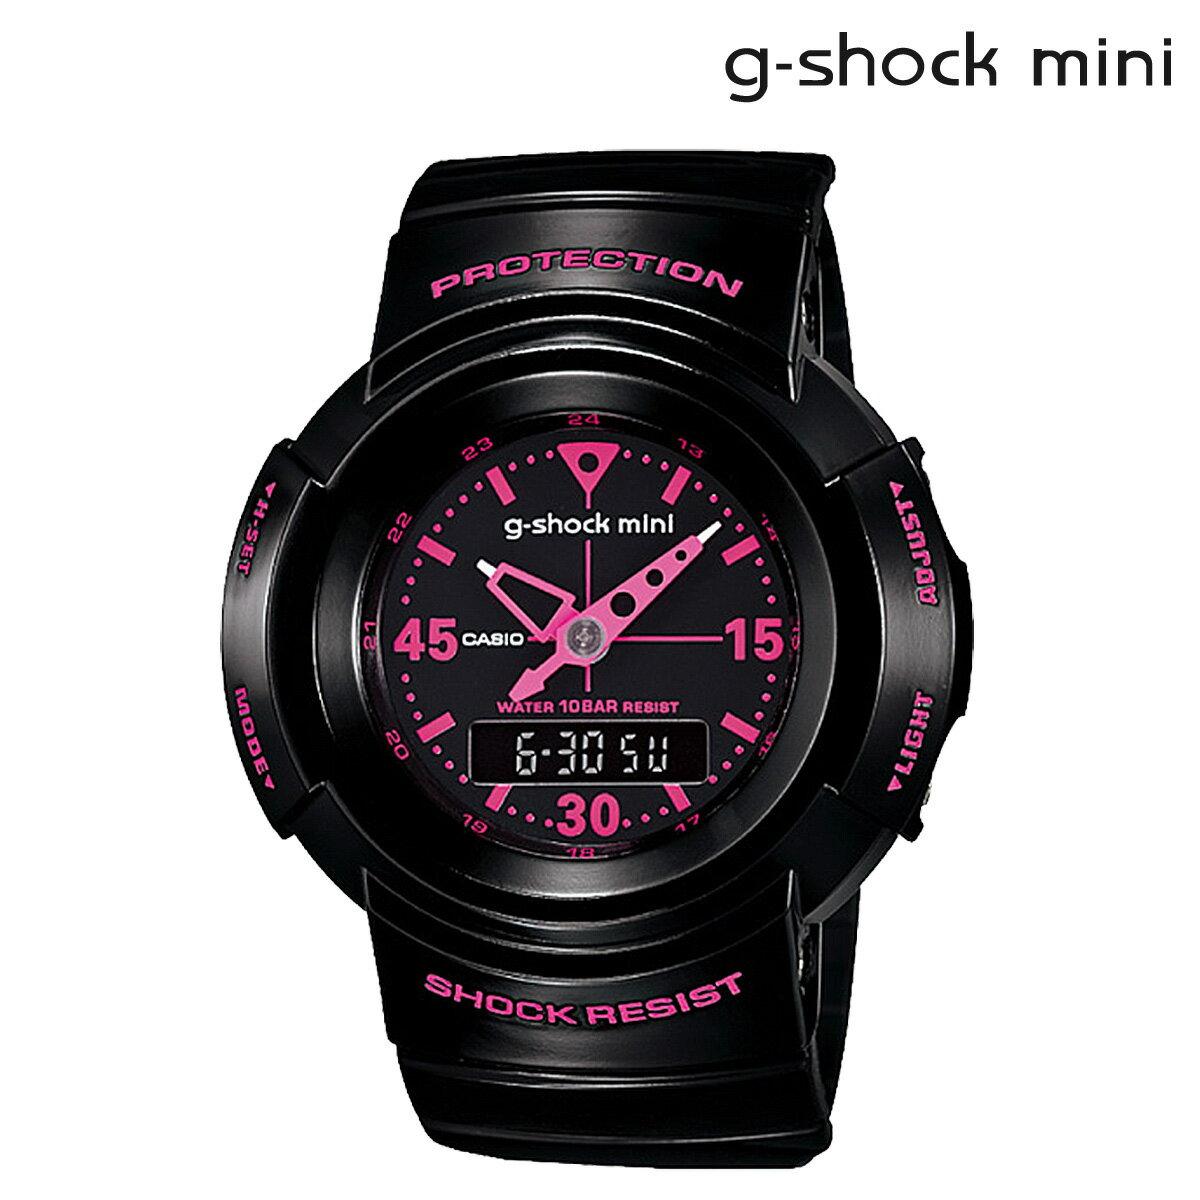 腕時計, レディース腕時計 CASIO g-shock mini GMN-500-1B2JR G G-